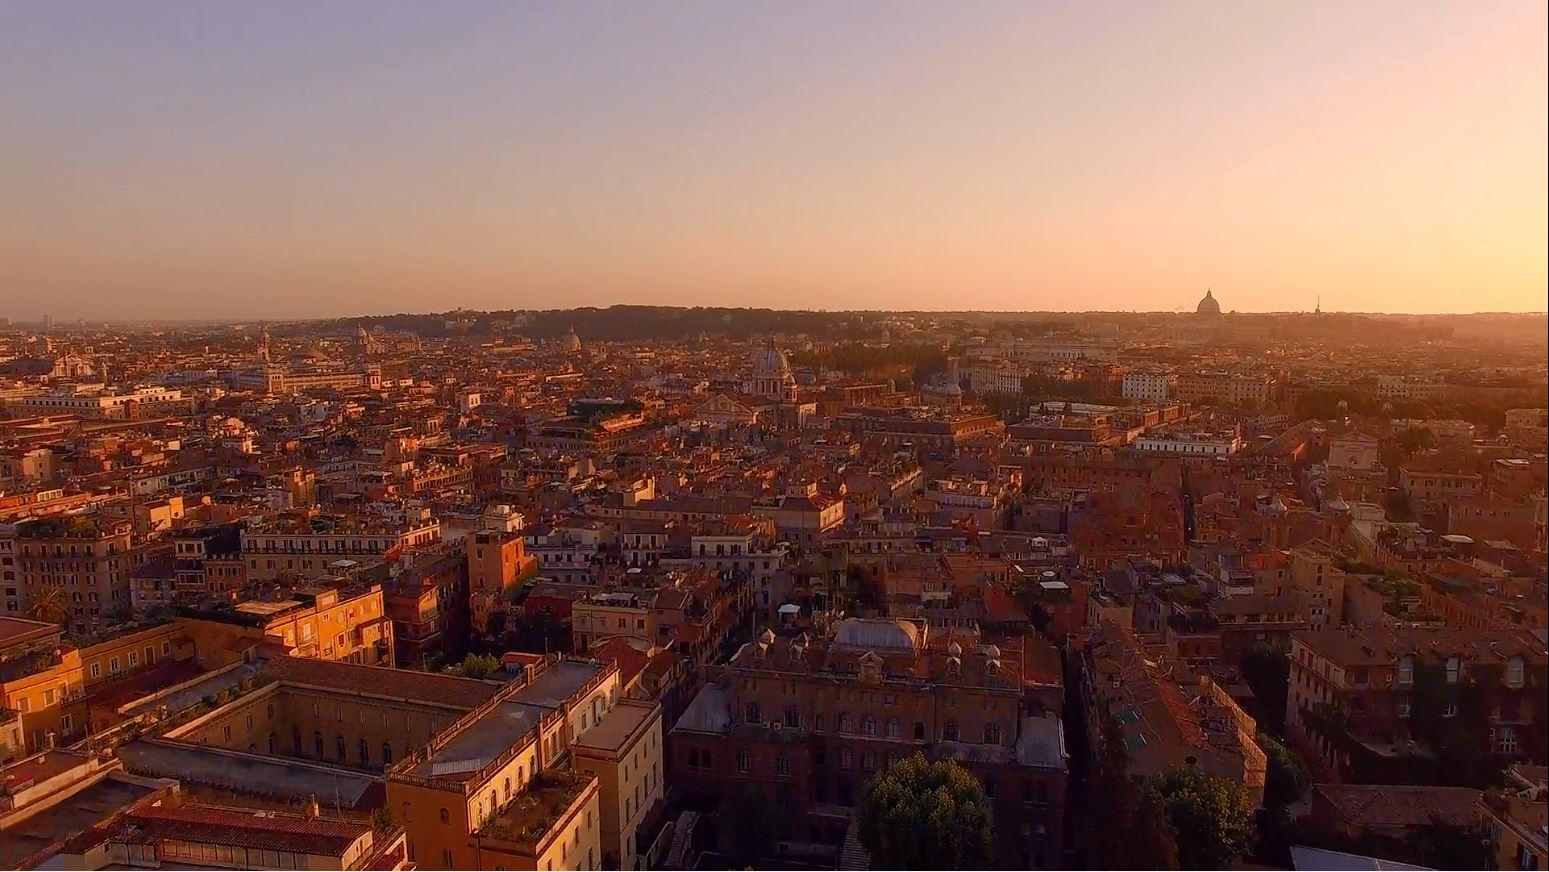 Un baile por Roma 4 - Be There Before